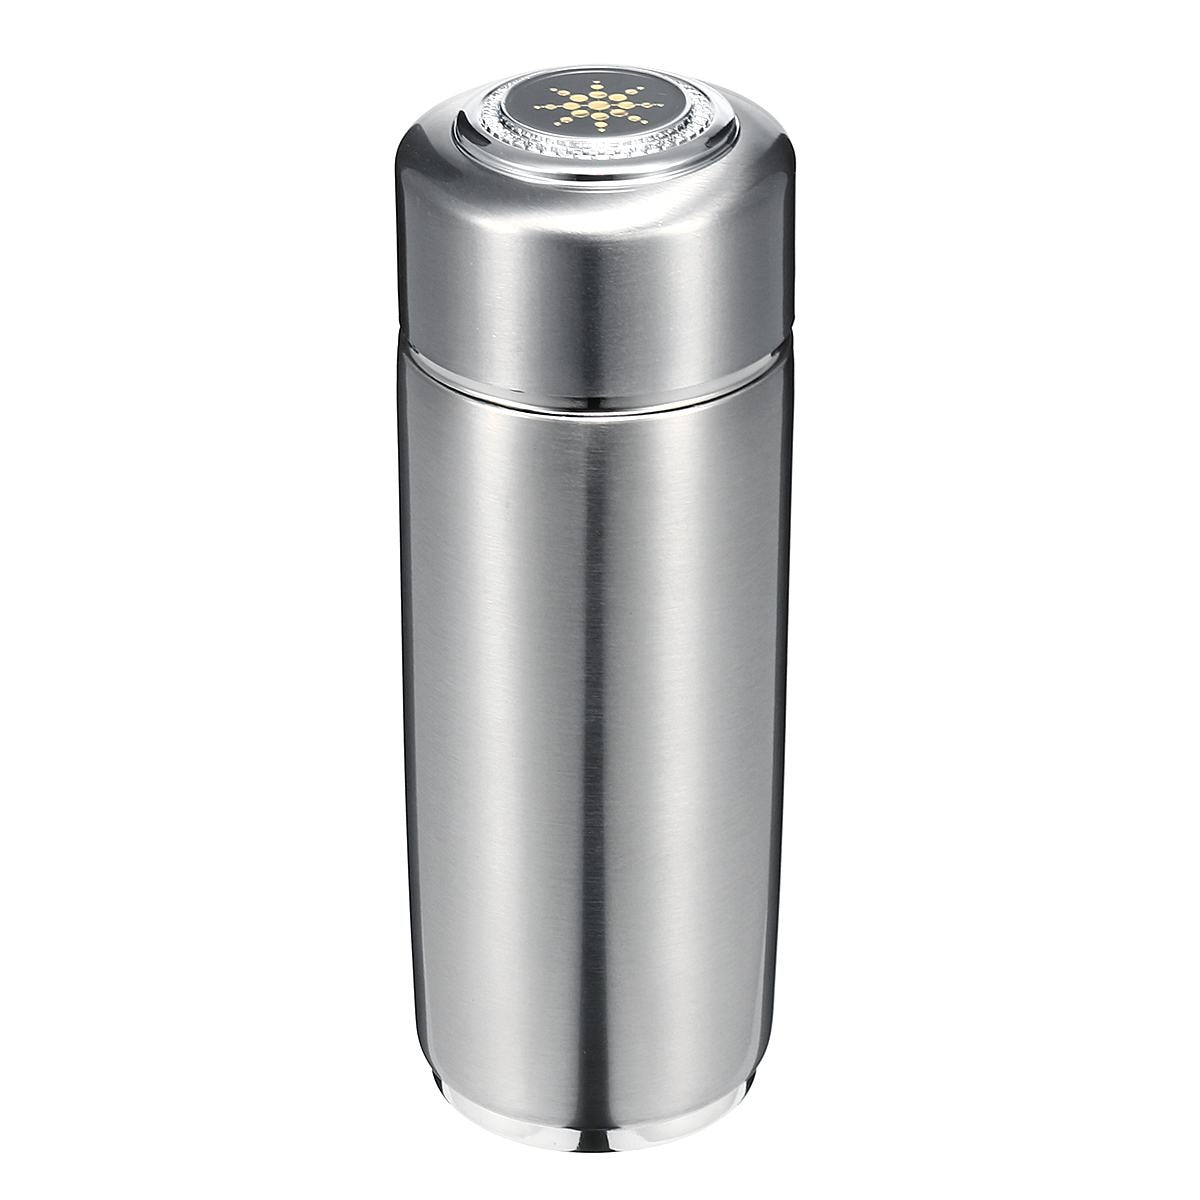 De acero inoxidable de 400ml cuántica alcalina agua filtrada taza equilibrio Bio energía Nanos ionizador de matraz botella electrolítico de la Copa de la energía